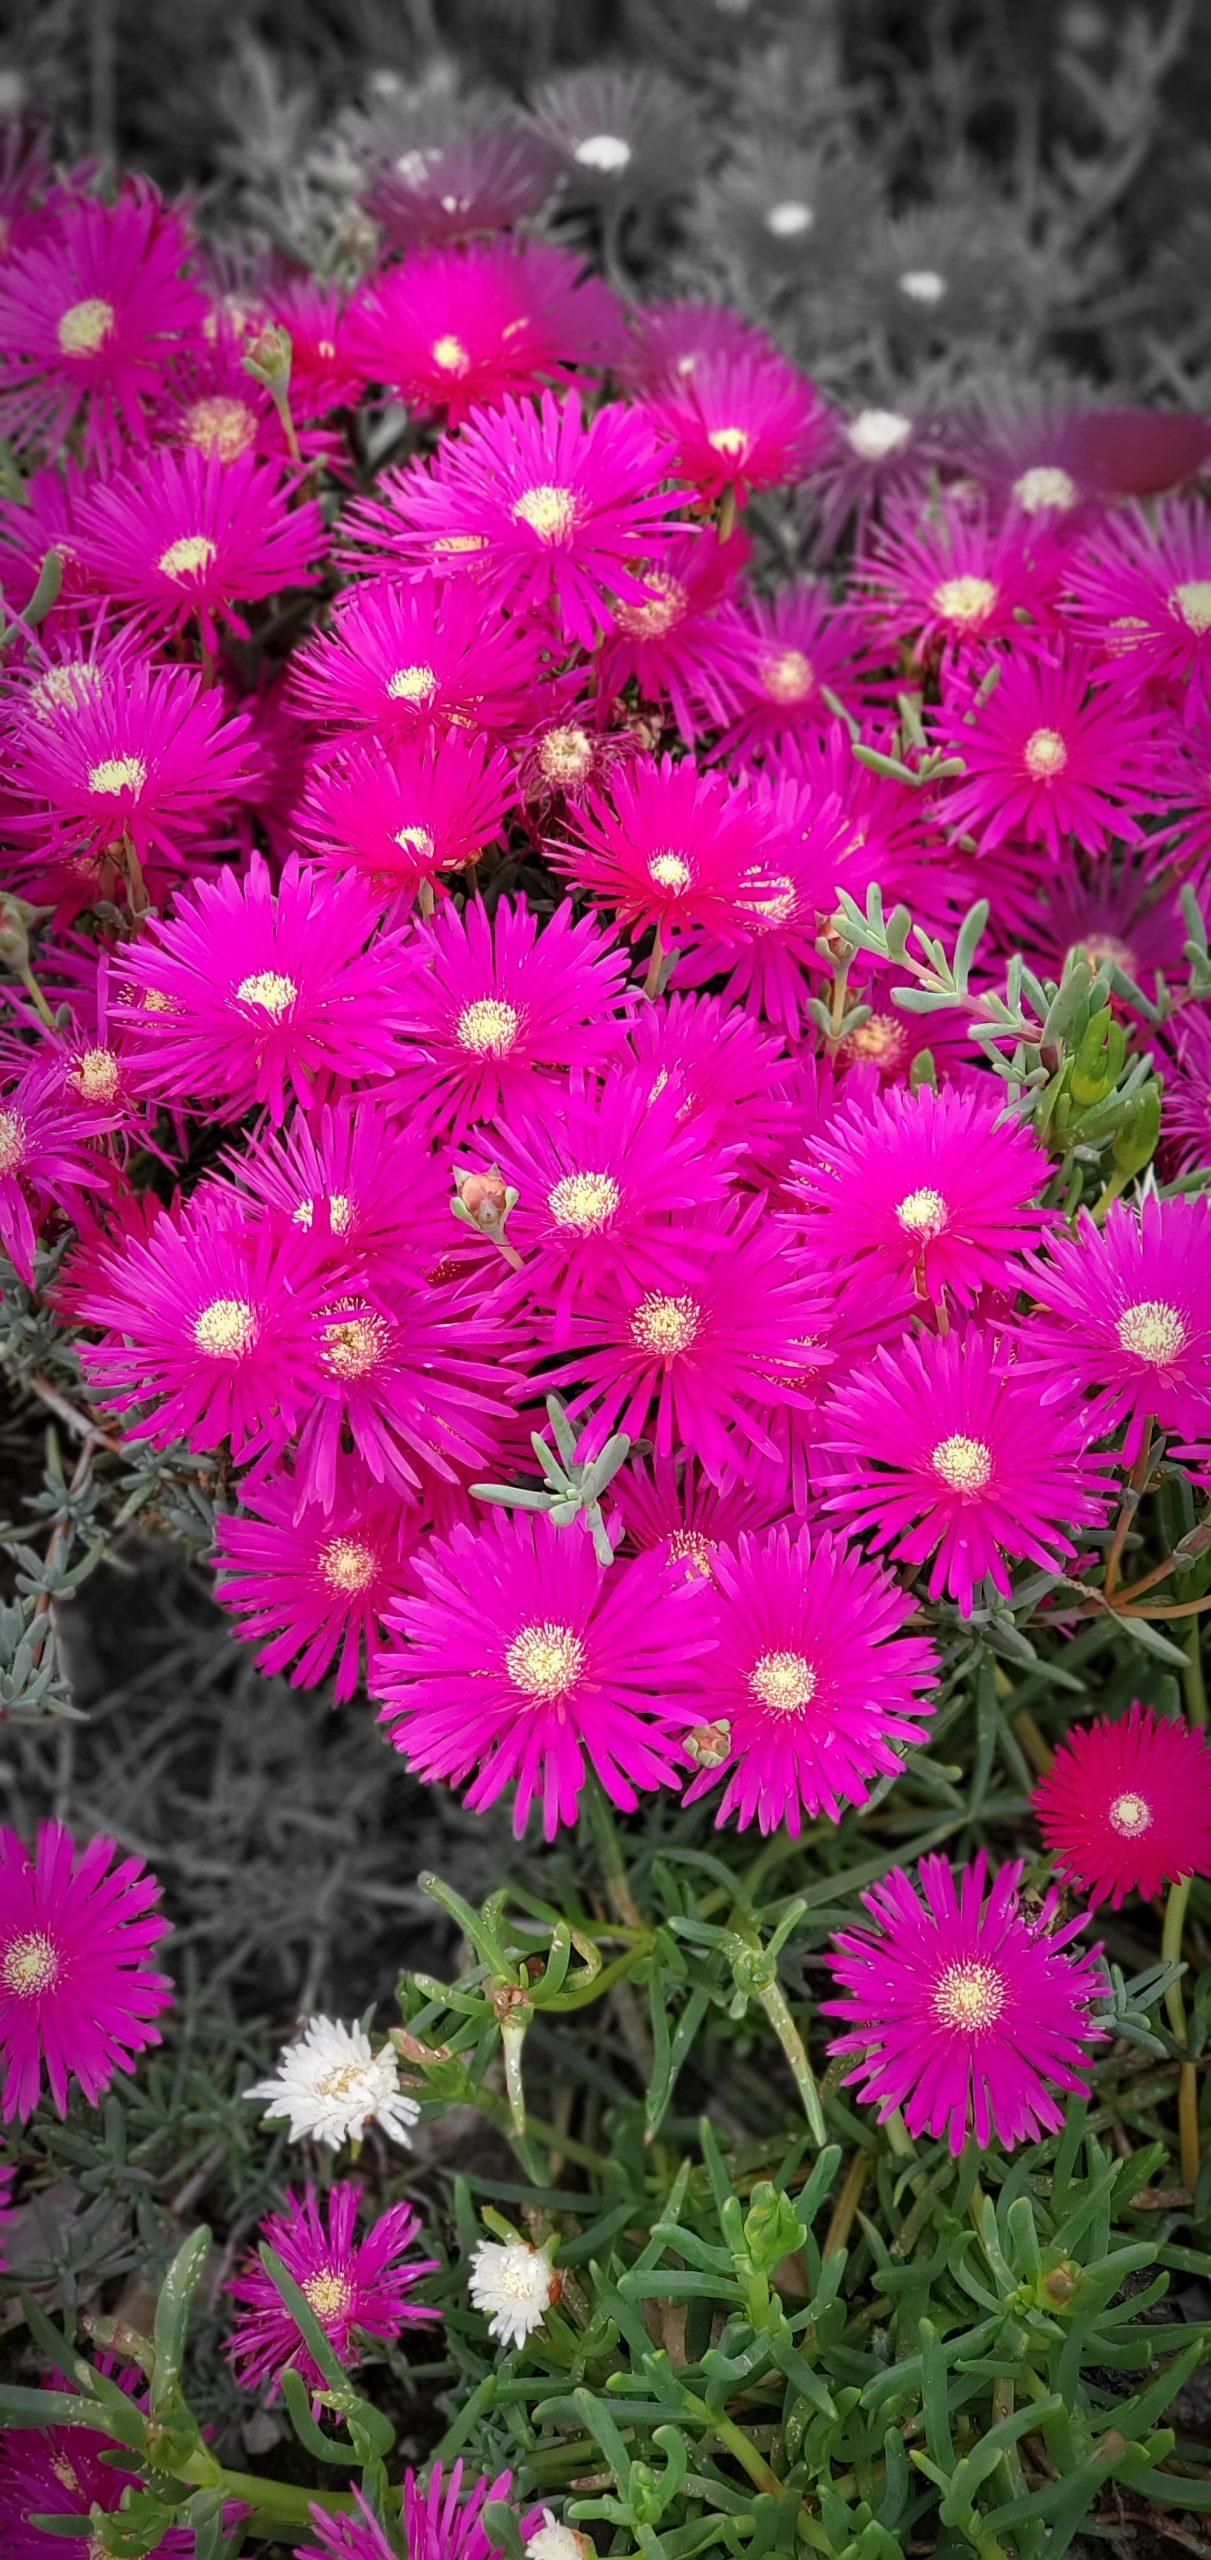 Flowers9 at Simola